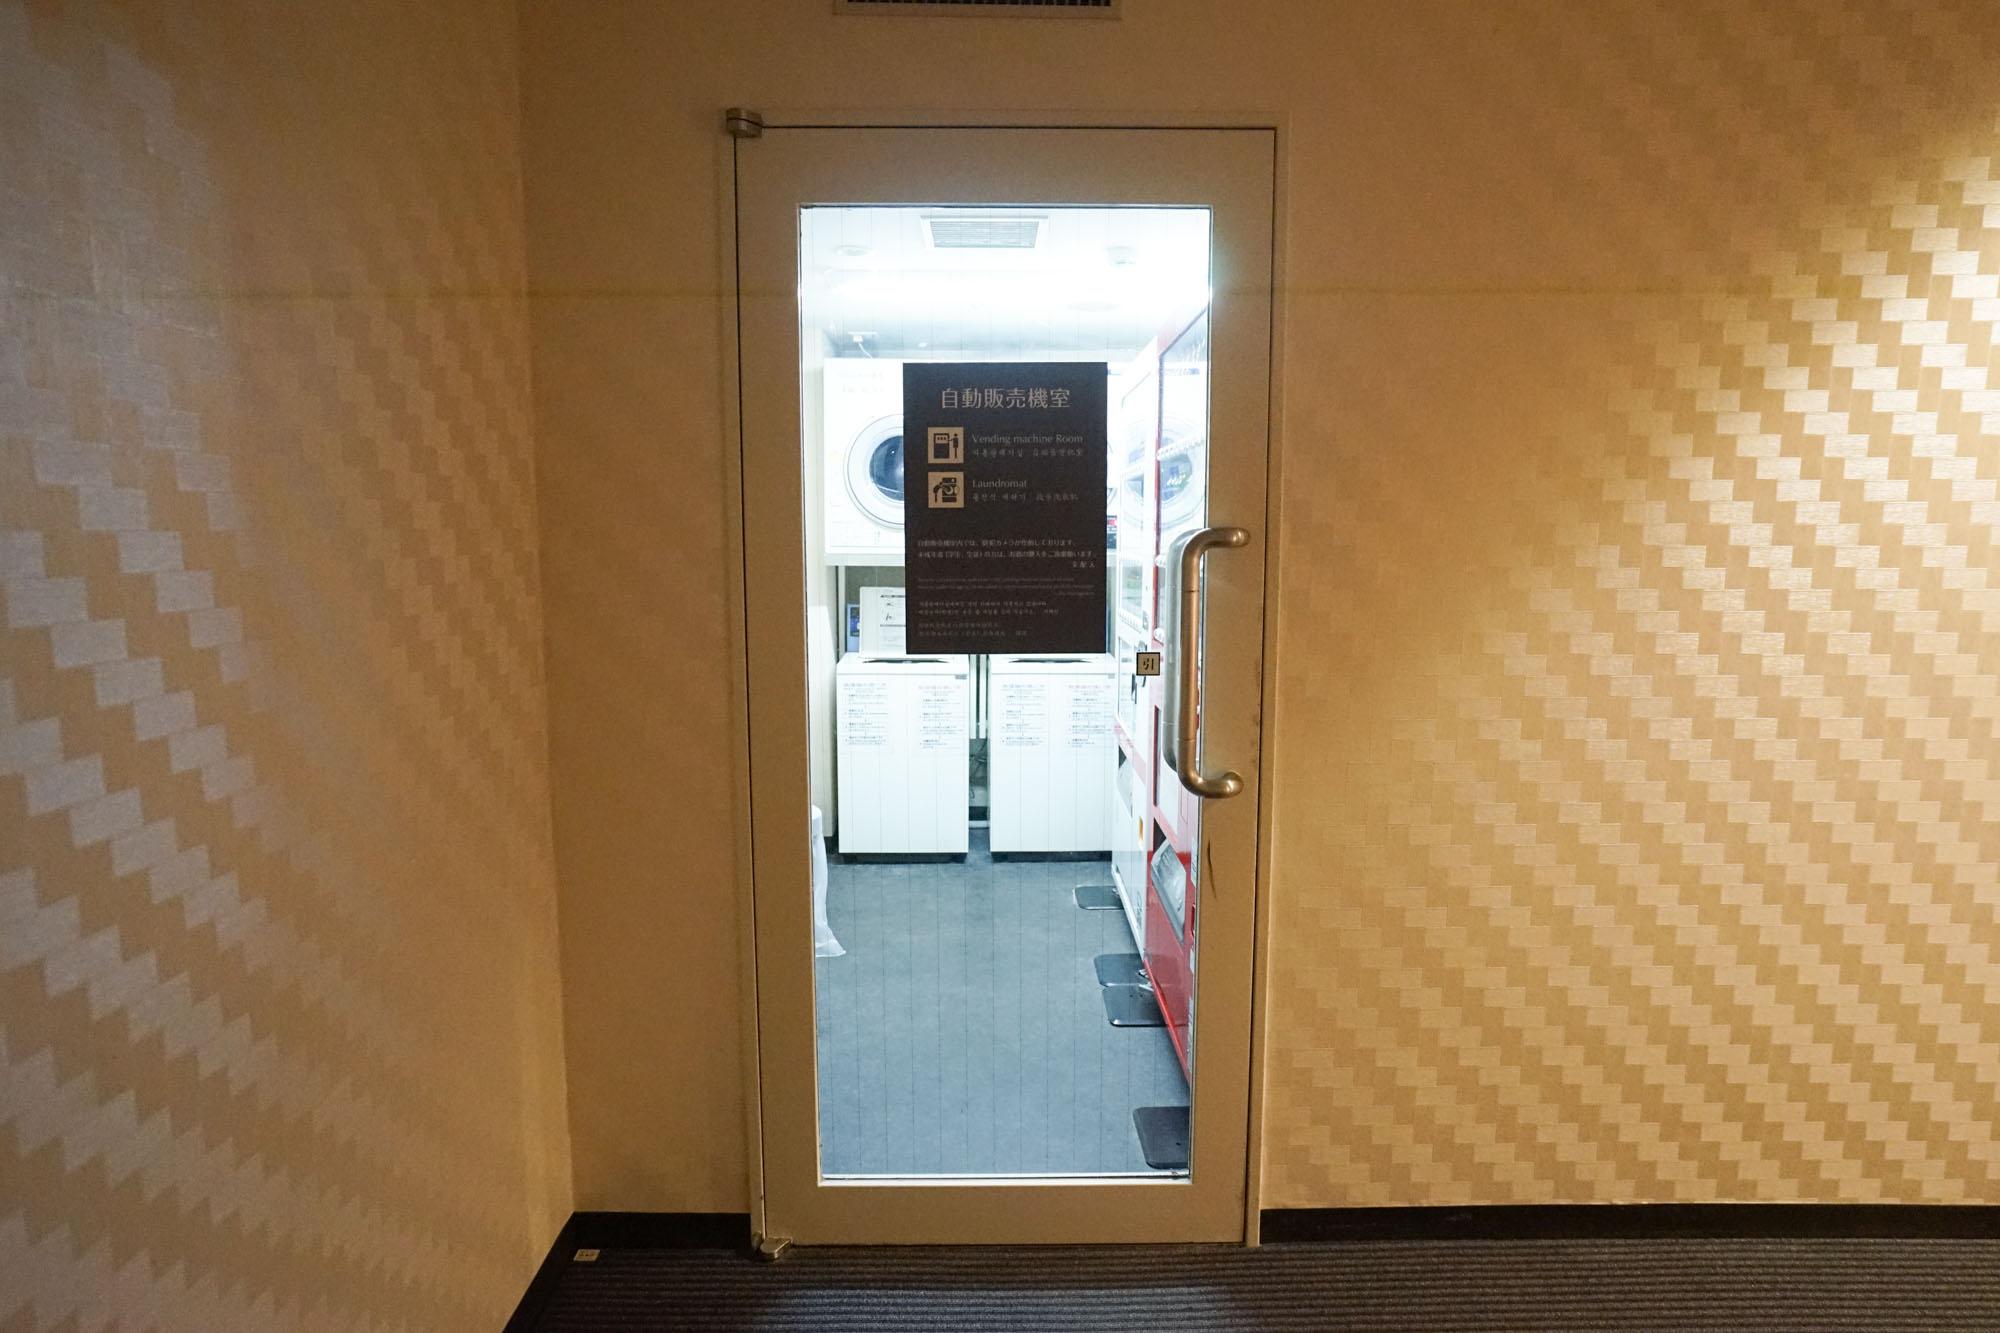 7階と9階に、自動販売機と製氷機、ランドリーのコーナーがあります。